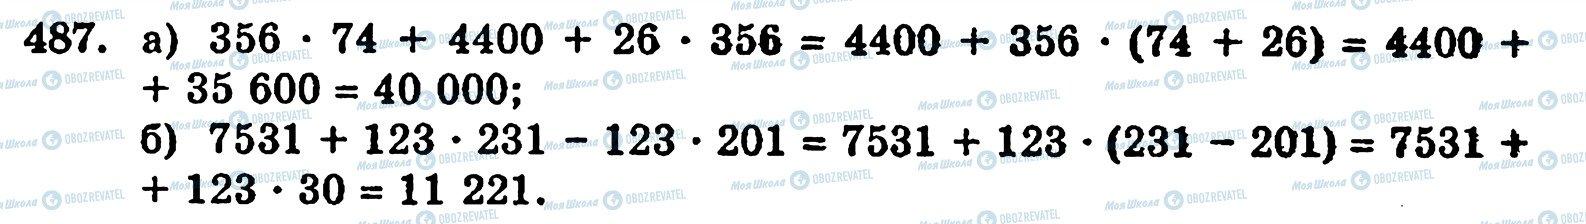 ГДЗ Математика 5 класс страница 487